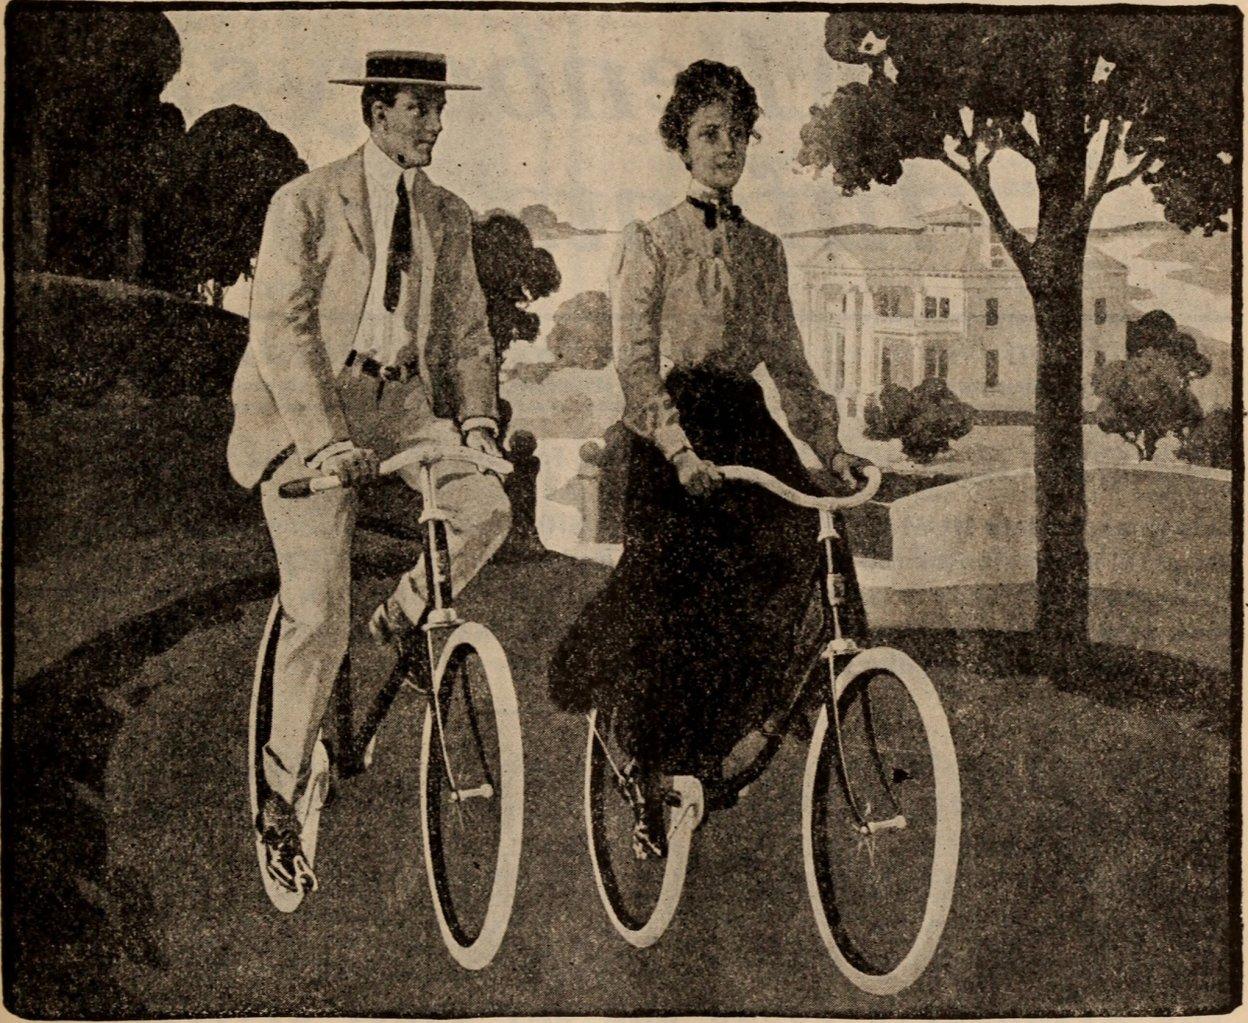 Vidéo: L'histoire du vélo et son rapport avec notre société